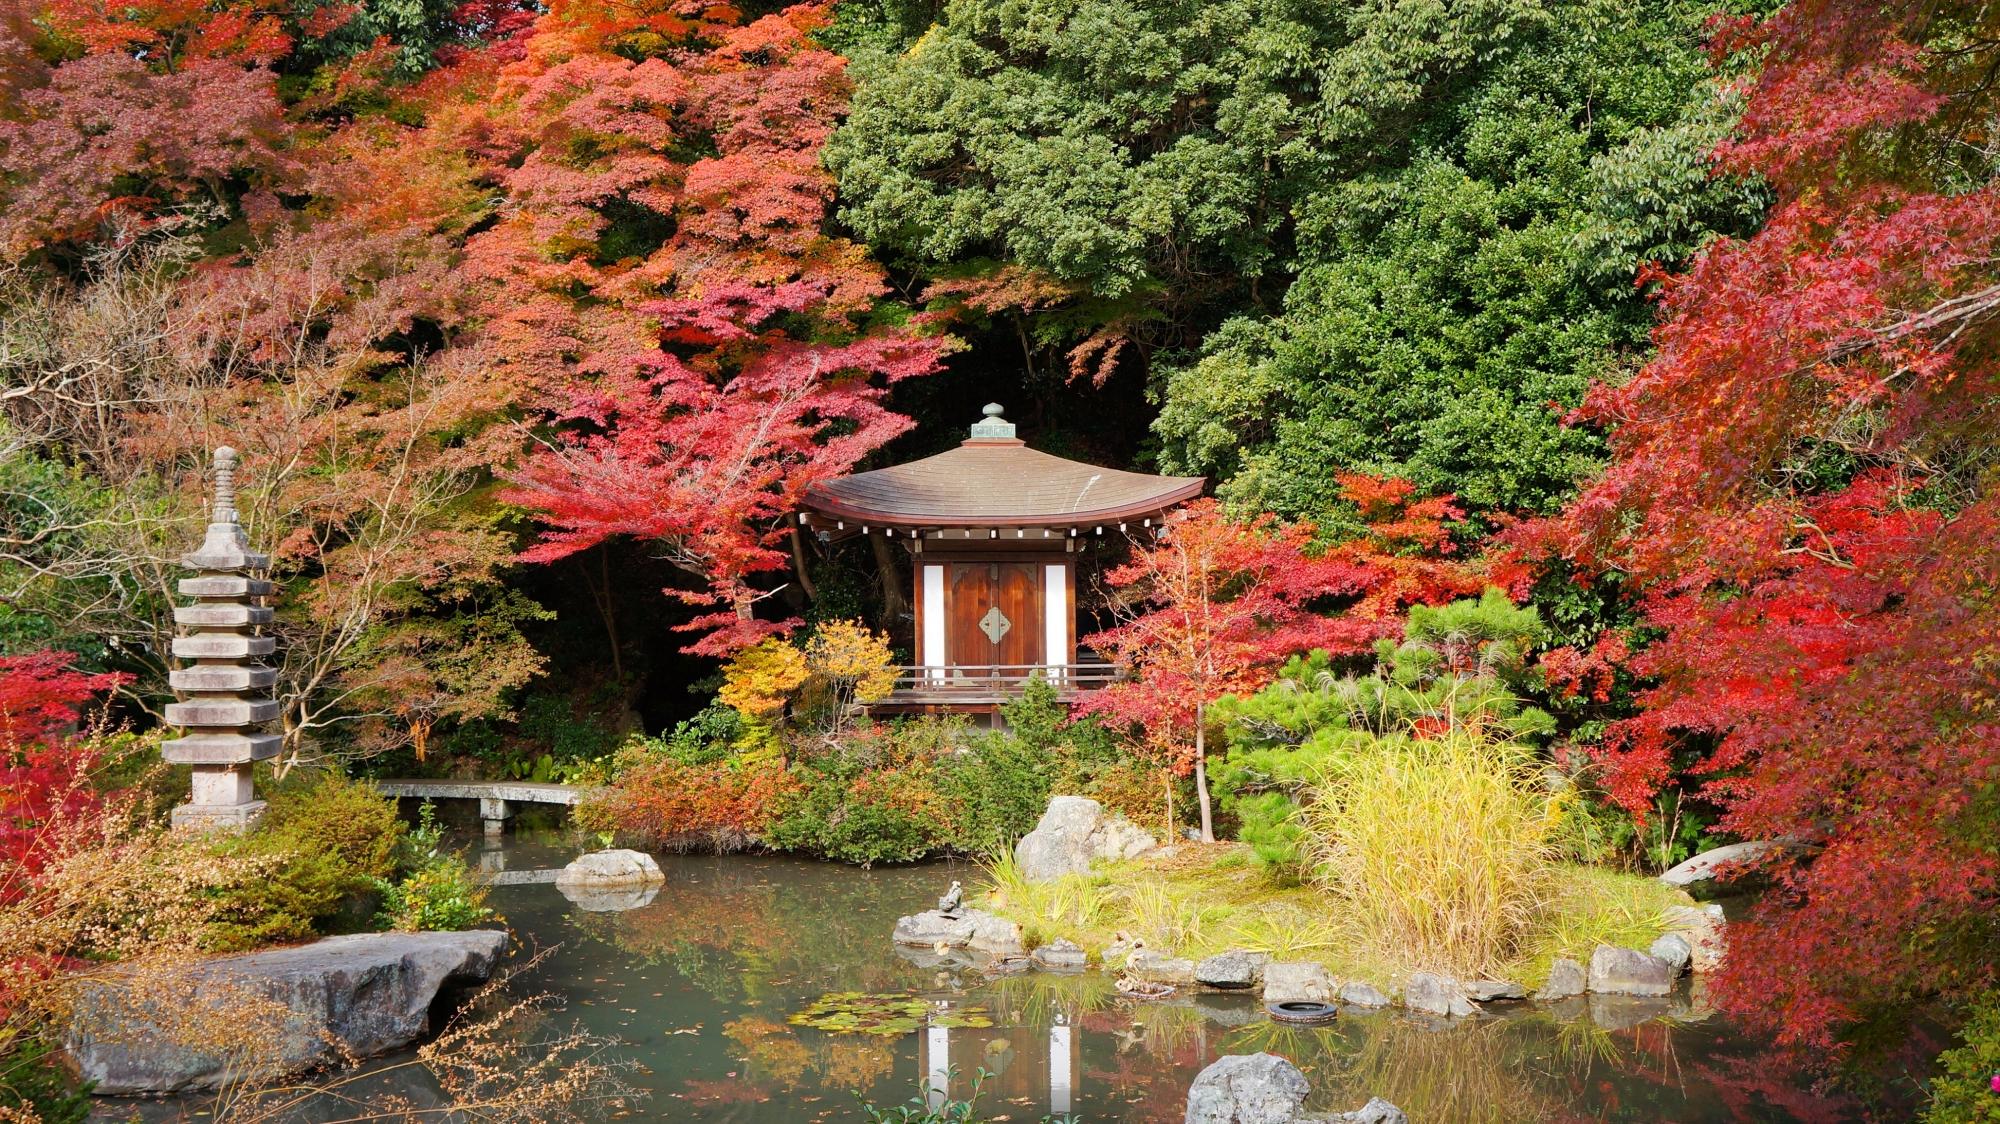 毘沙門堂の晩翠園の紅葉